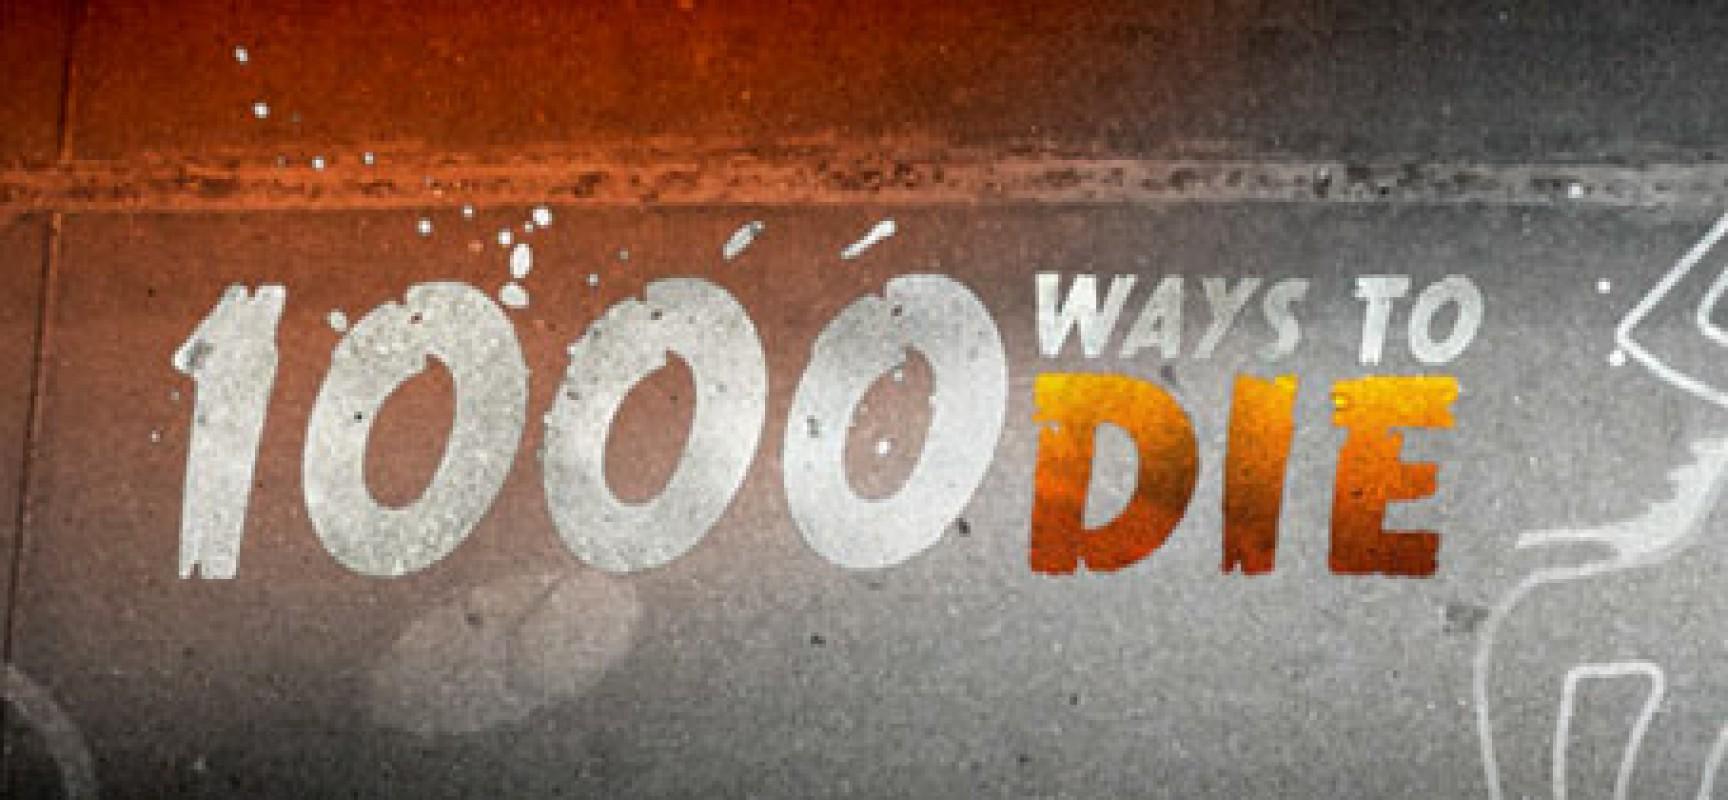 1000 modi per morire le puntate - 1000 modi per cucinare le uova ...